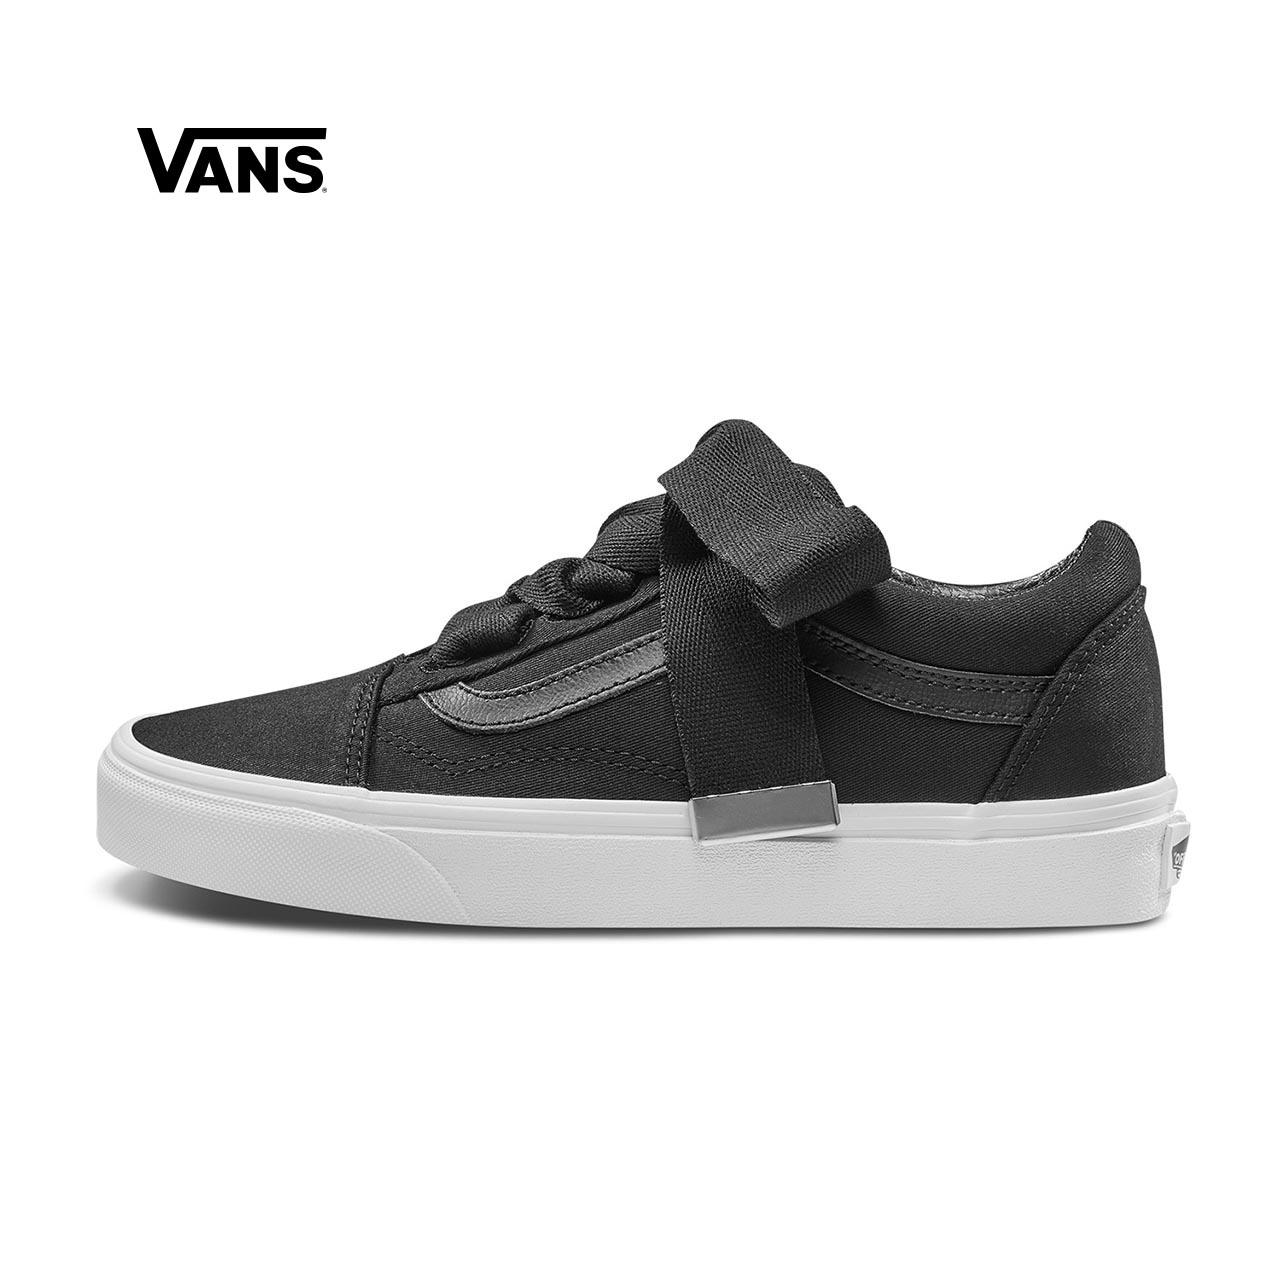 Vans范斯 经典系列 Old Skool帆布鞋 低帮女子黑色新款官方正品